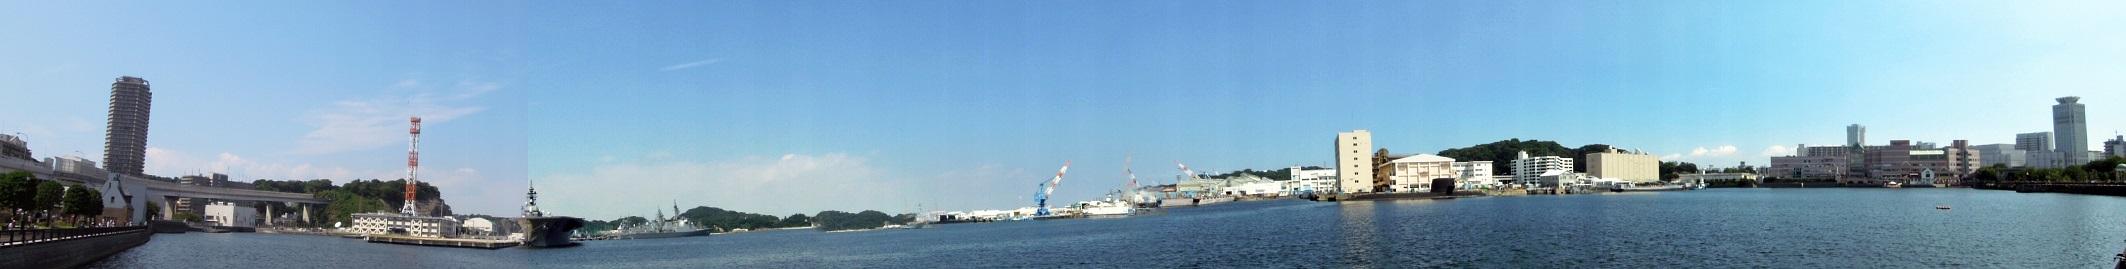 横須賀港全景